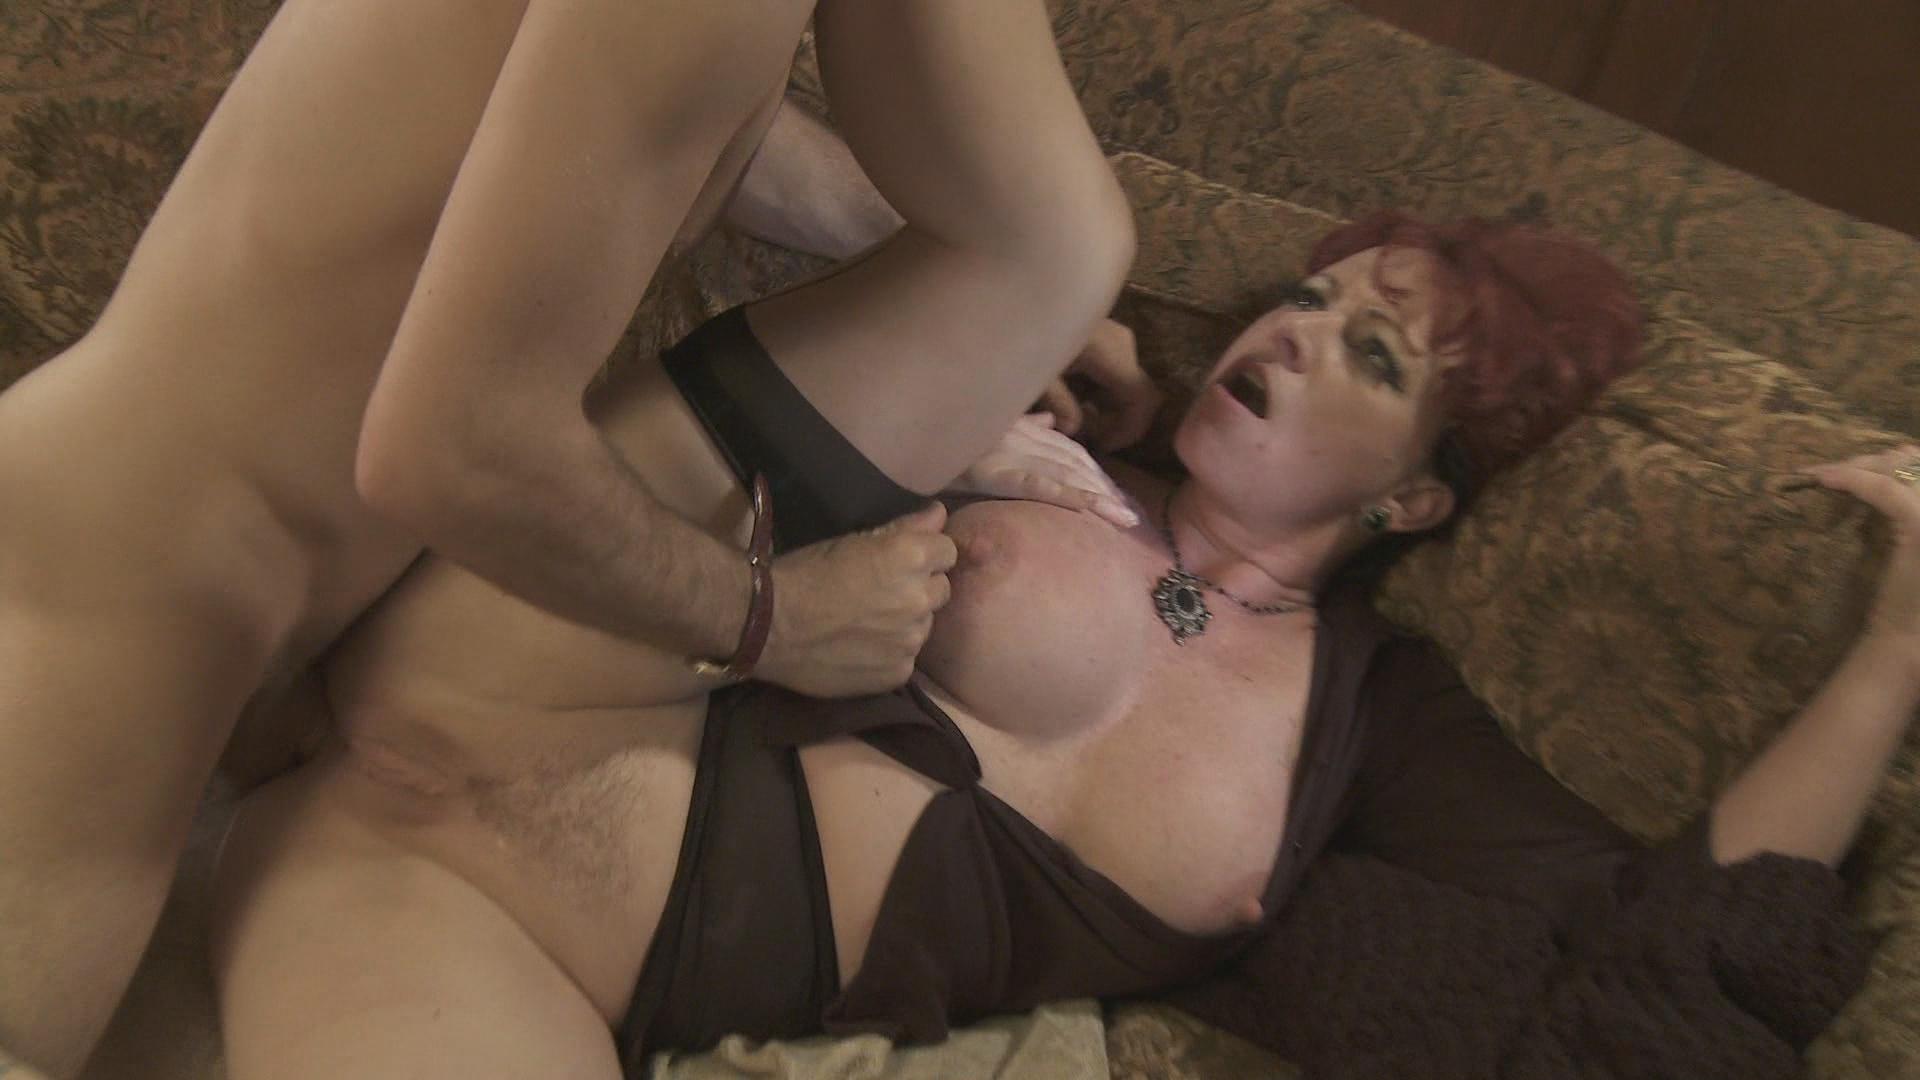 Dirty ebony diana with big hairy oiled vagina 10